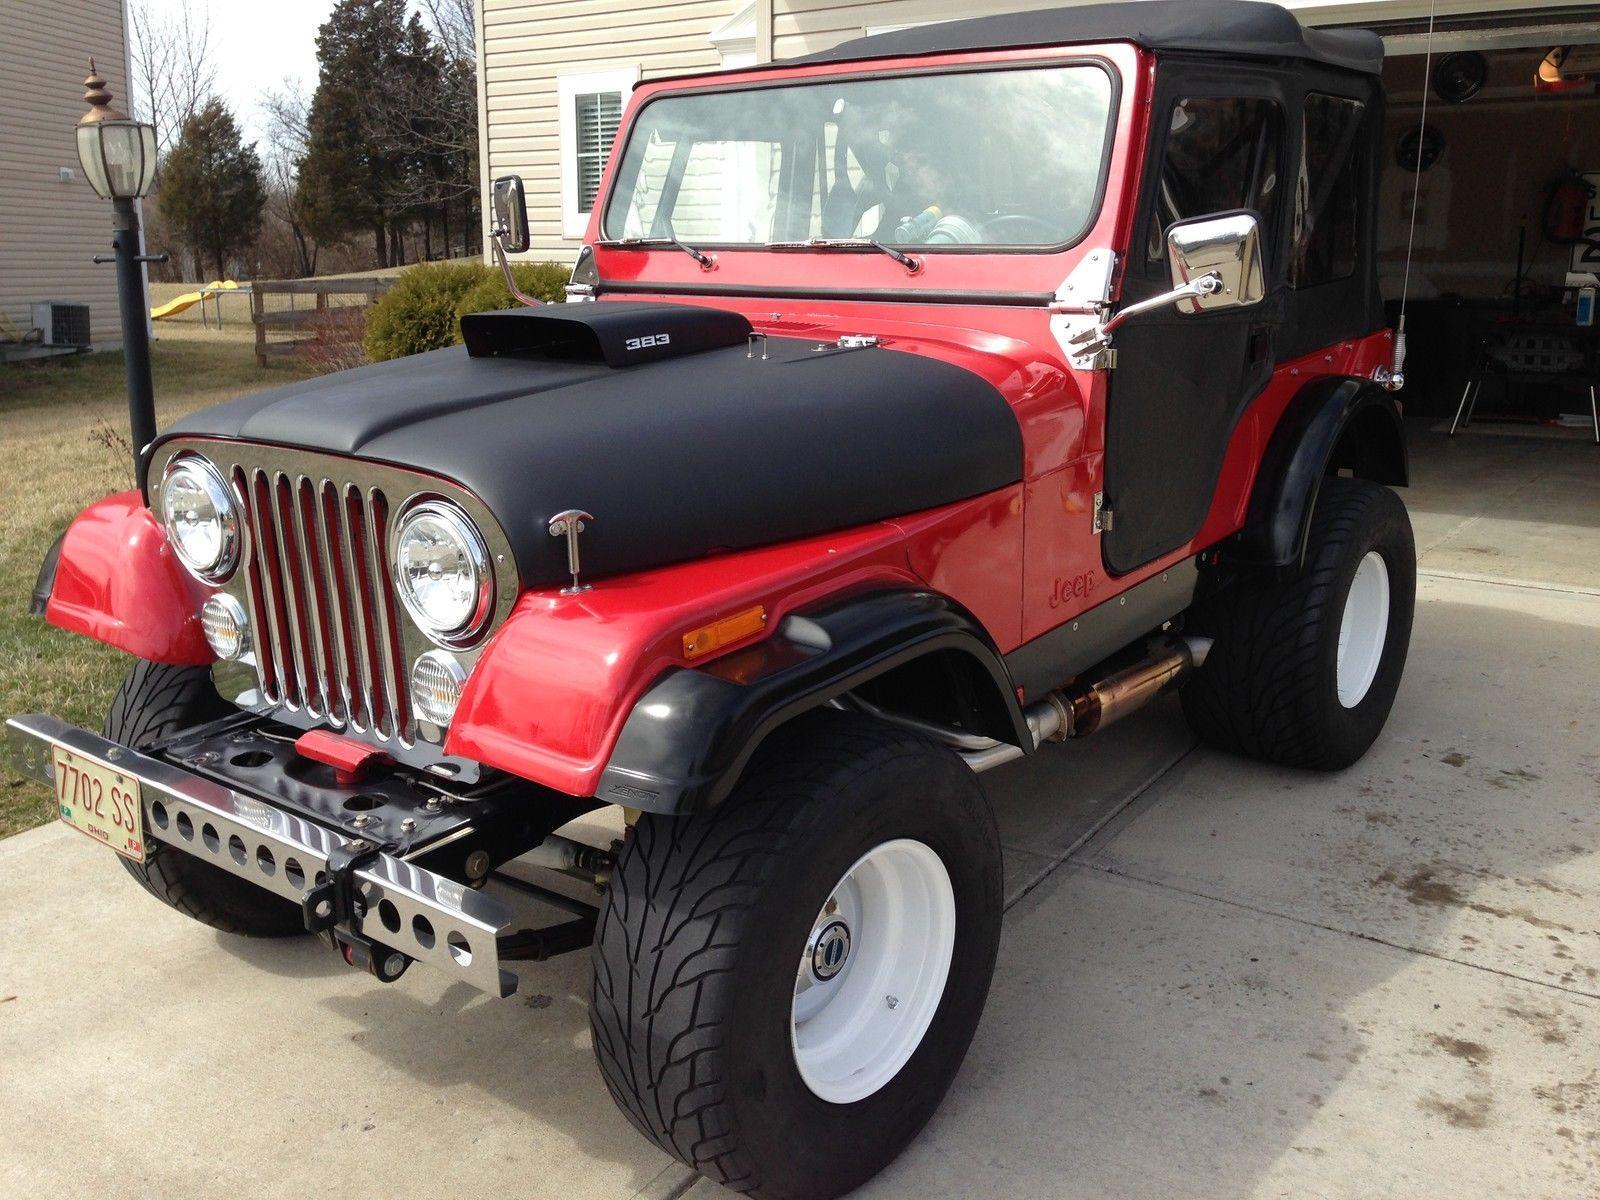 jeep cj5 hood scoop - google search   jeepz   pinterest   jeeps